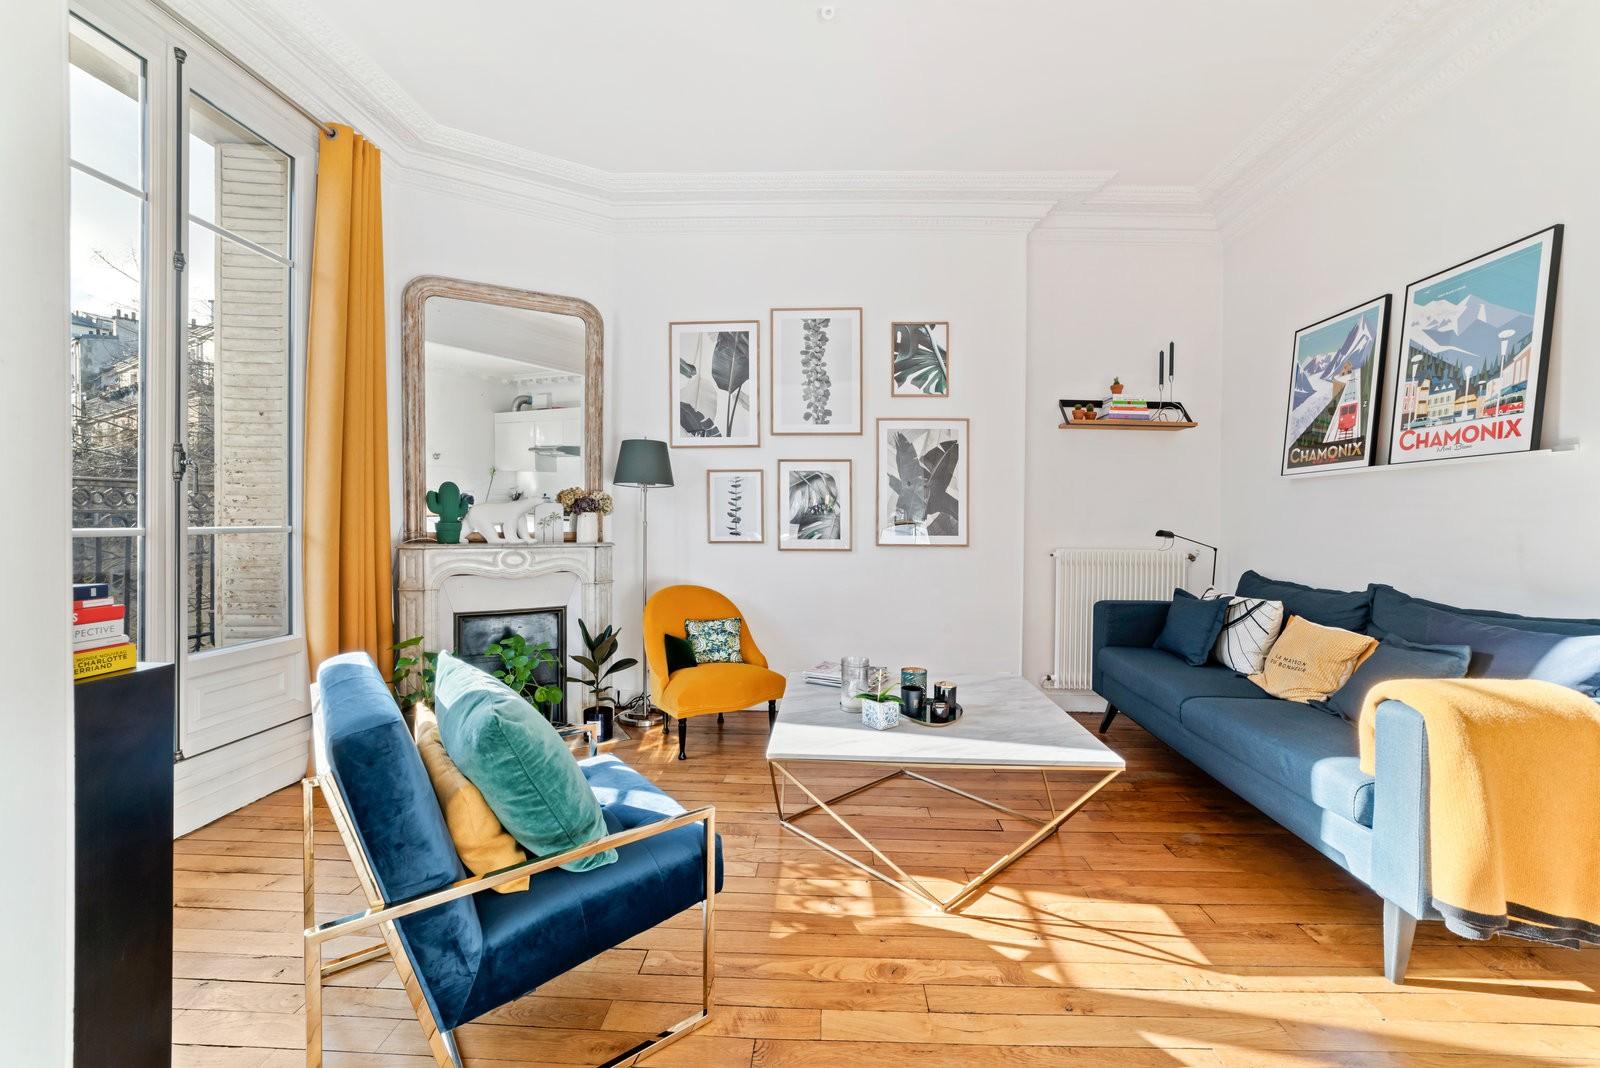 Salon haussmannien avec mobilier jaune et bleu contemporain à Montmartre